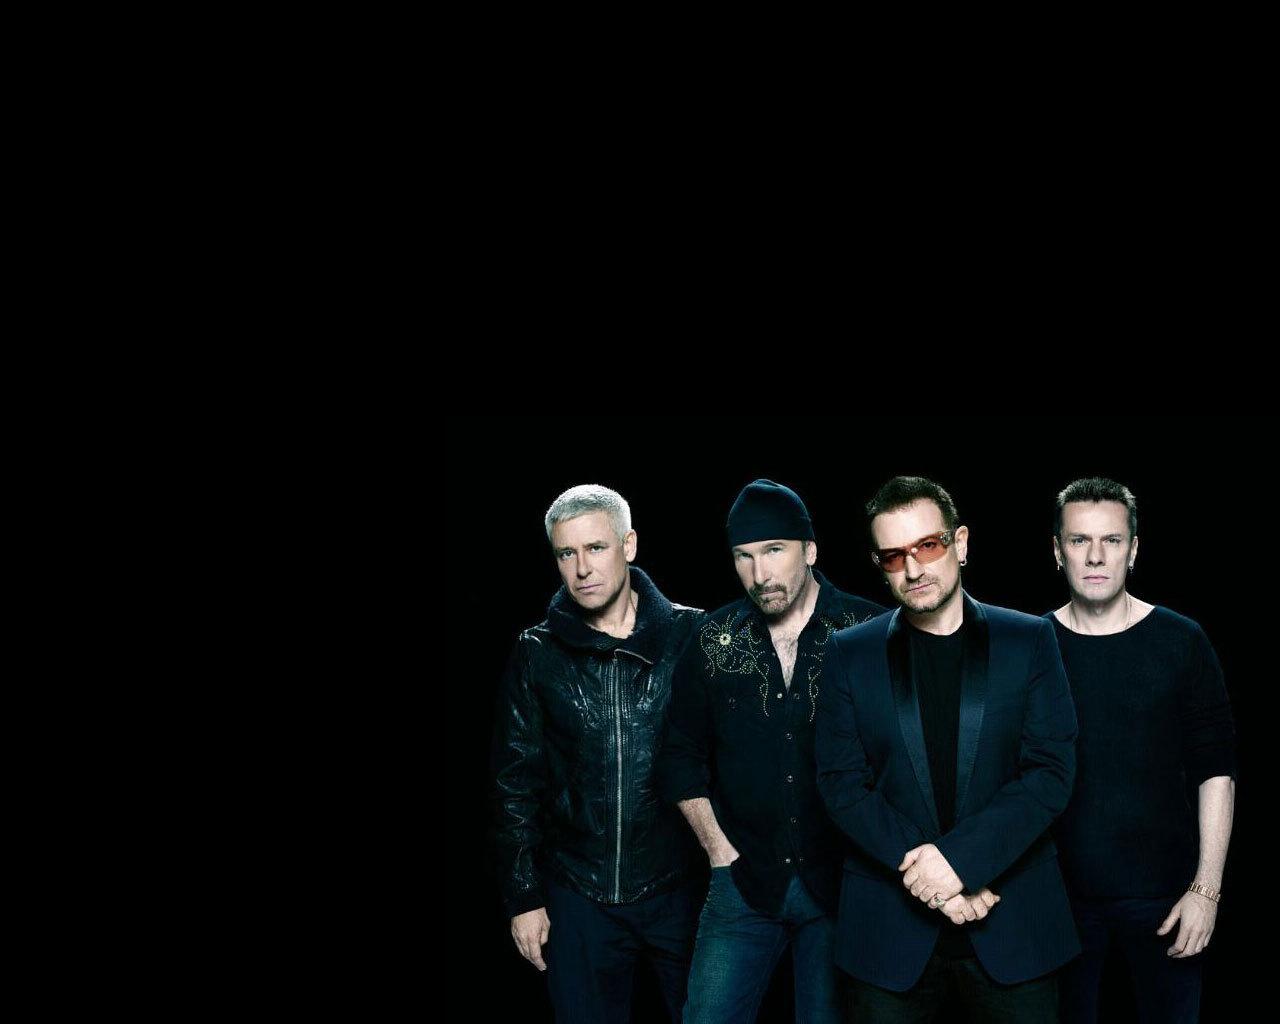 U2 mga wolpeyper